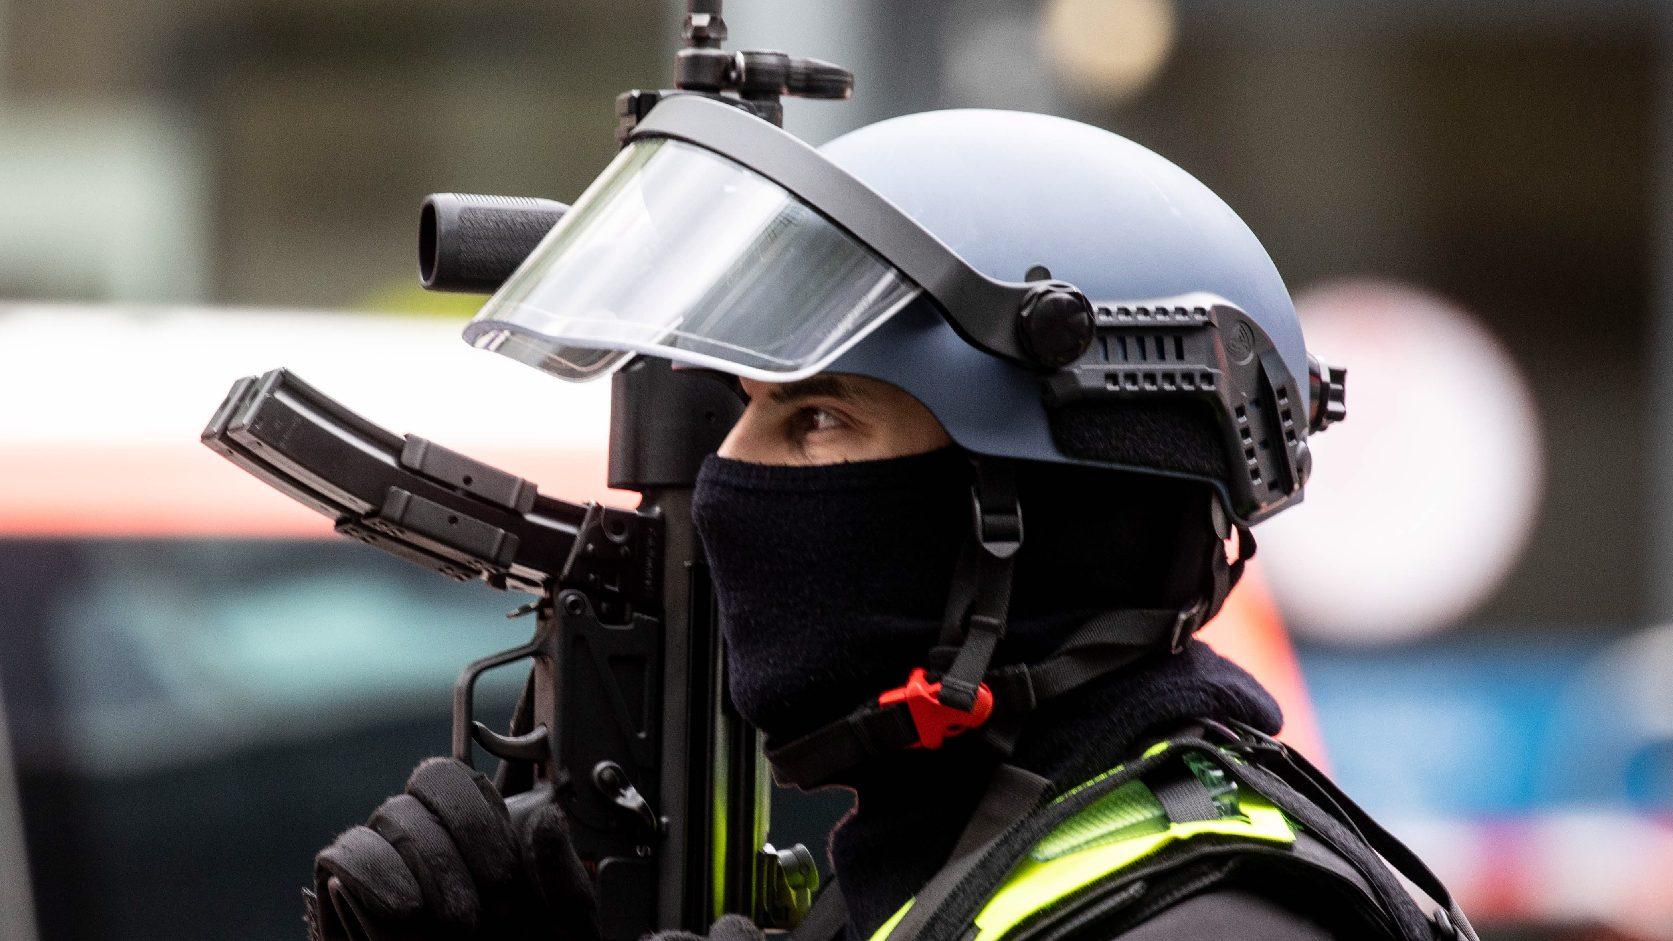 Szélsőjobboldali, neonáci tartalmakat osztott meg egymással a német rendőrség egyik különleges egysége